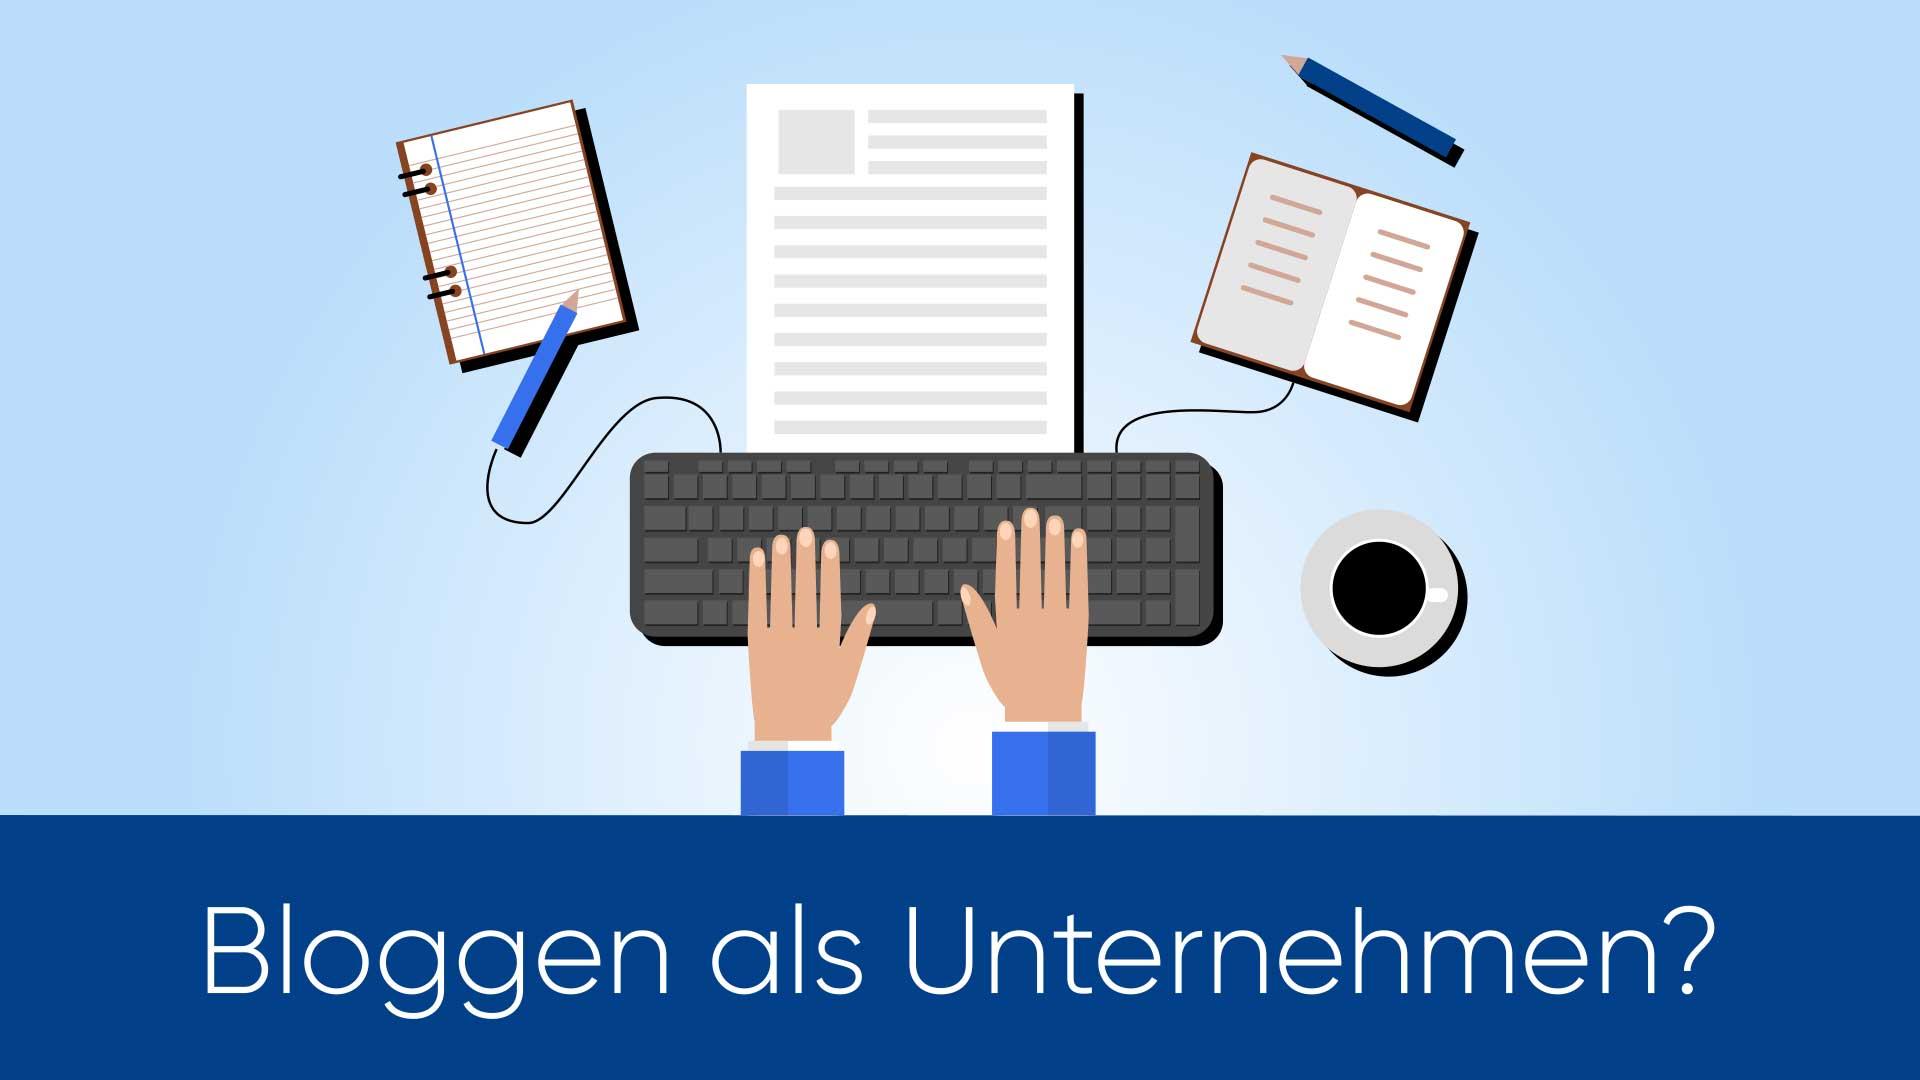 Bloggen als Unternehmen